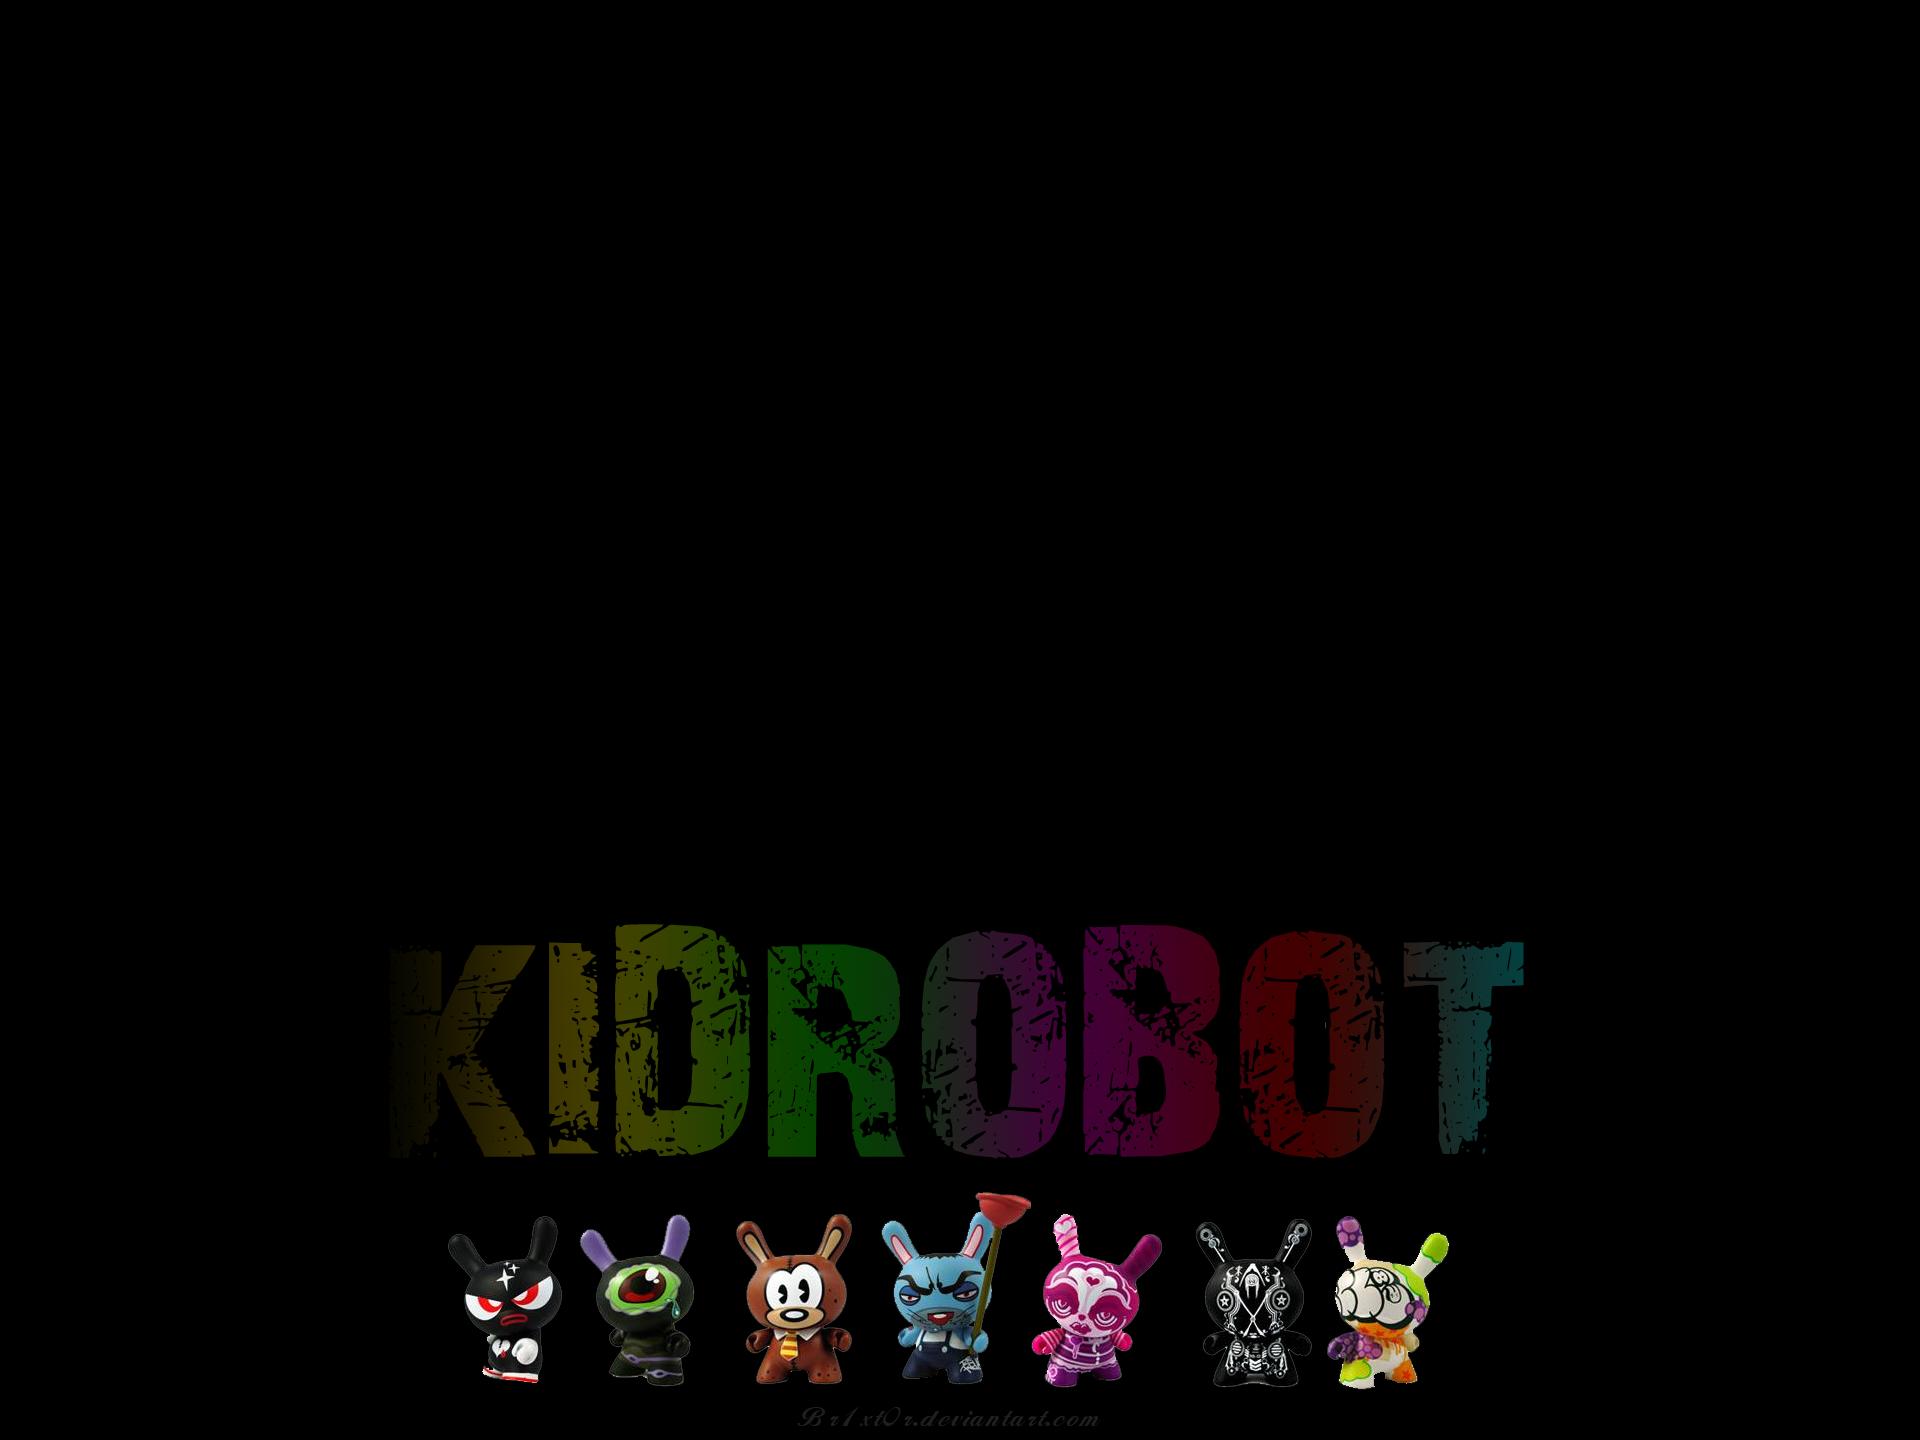 kidrobot wallpaper by br1xt0r customization wallpaper other 2008 2015 1920x1440